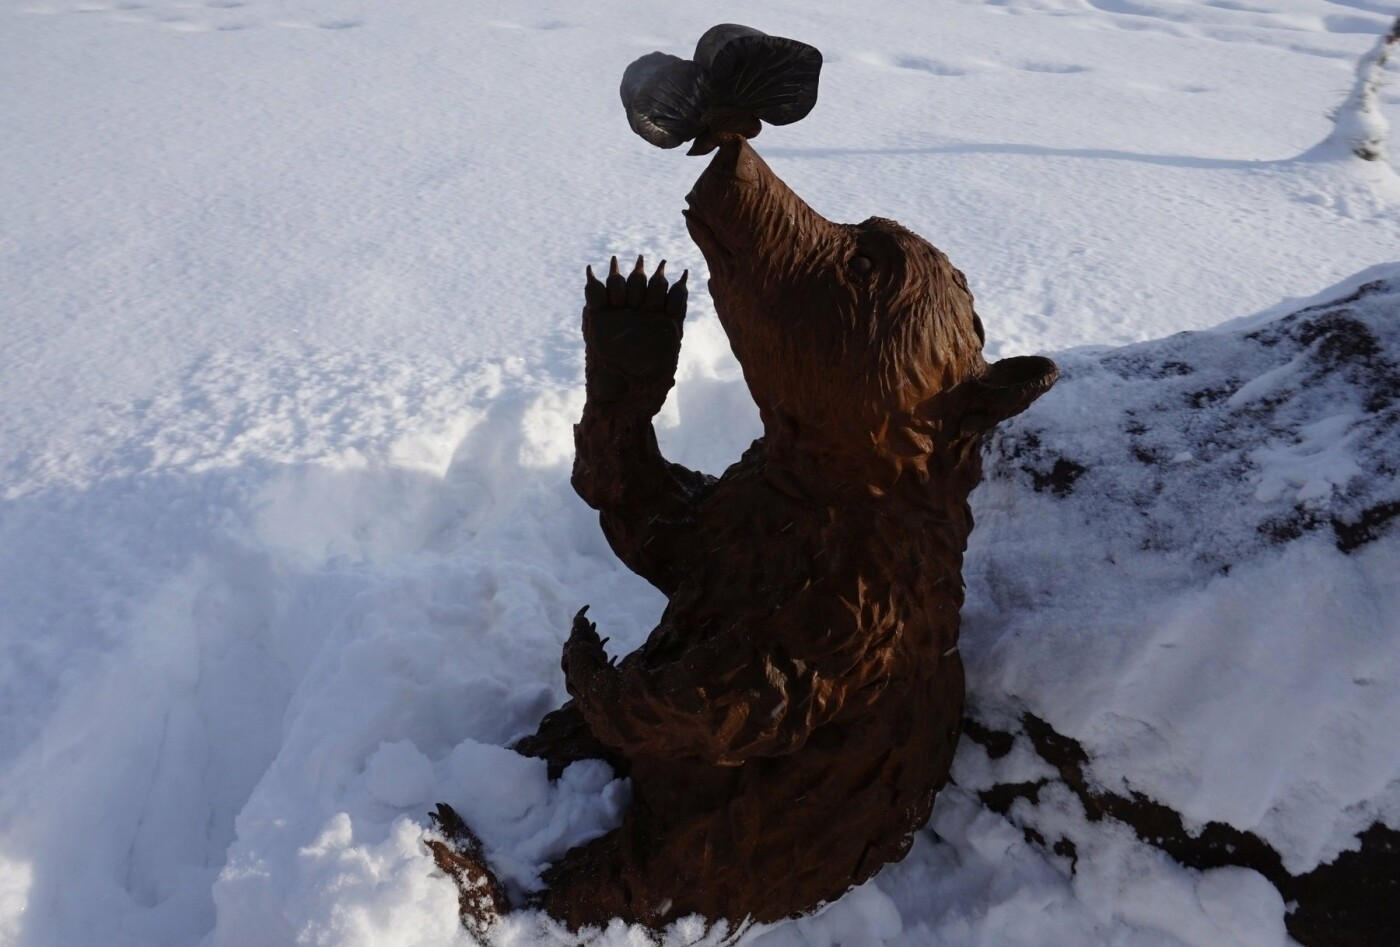 Косолапый арт-объект появился на Медвежке, фото-8